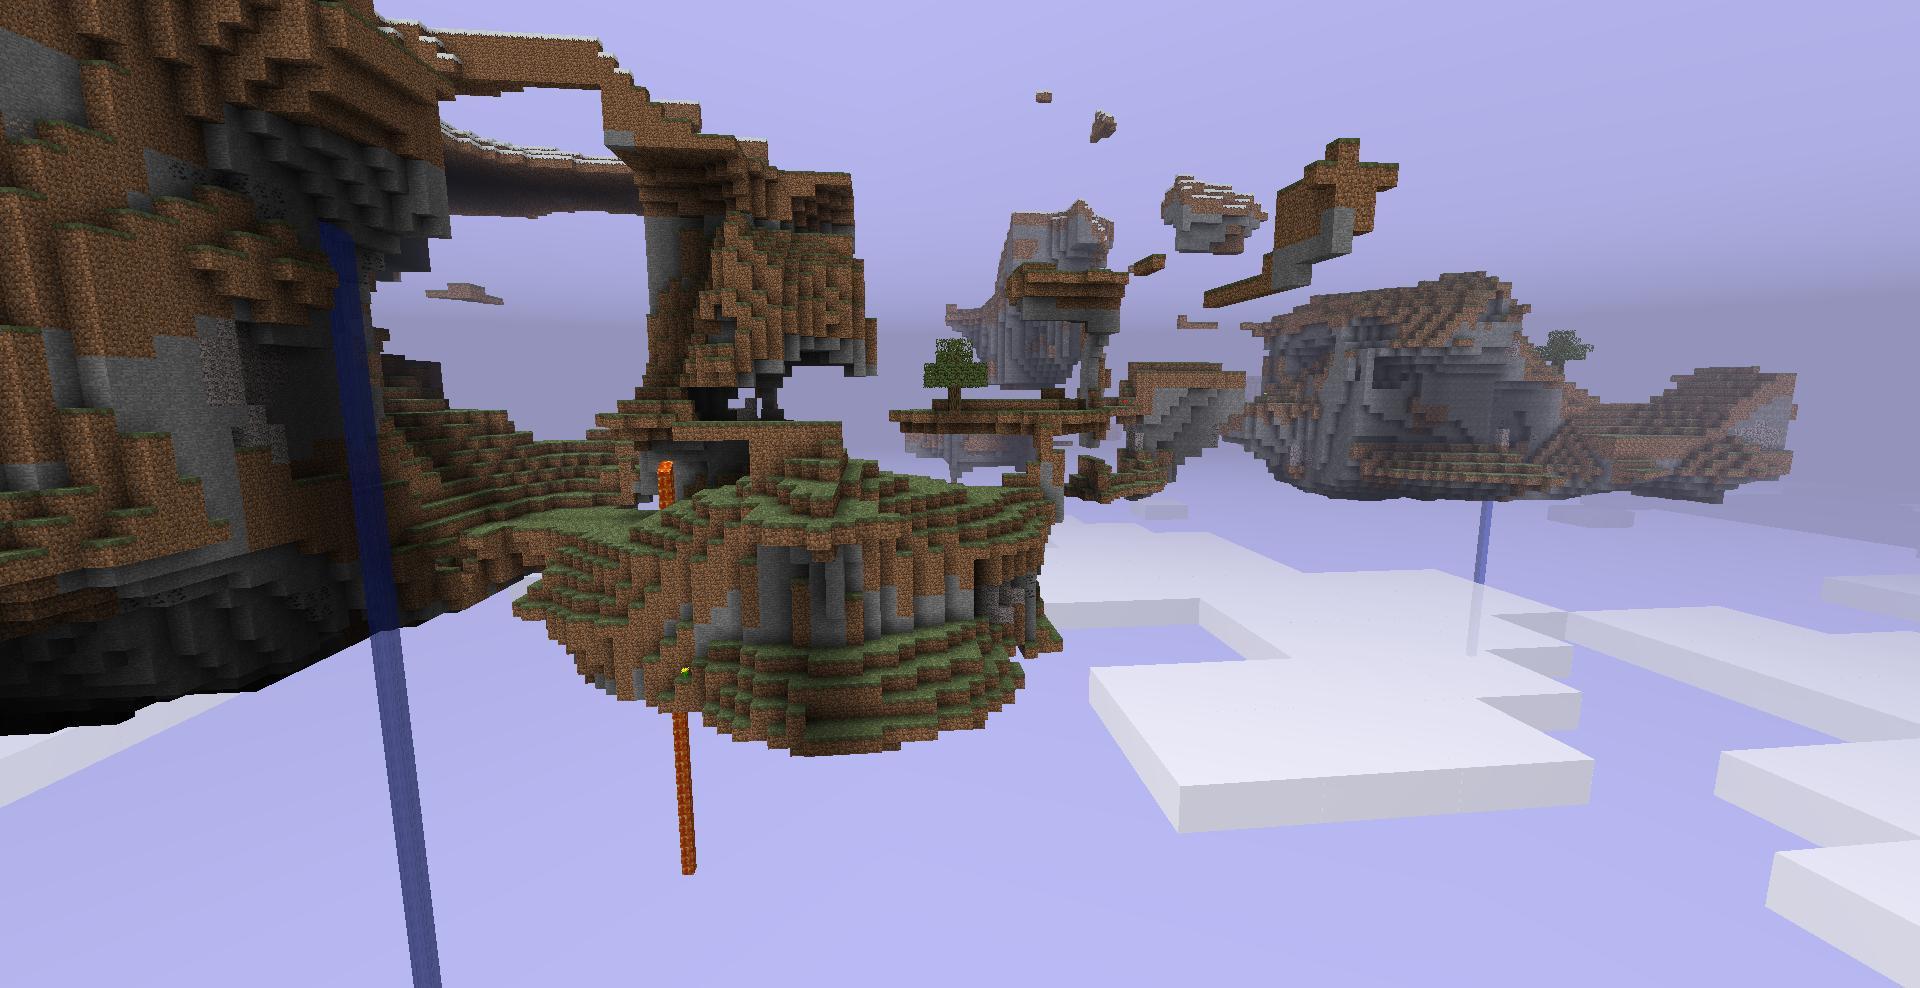 Sky Dimension | Minecraft Wiki | FANDOM powered by Wikia